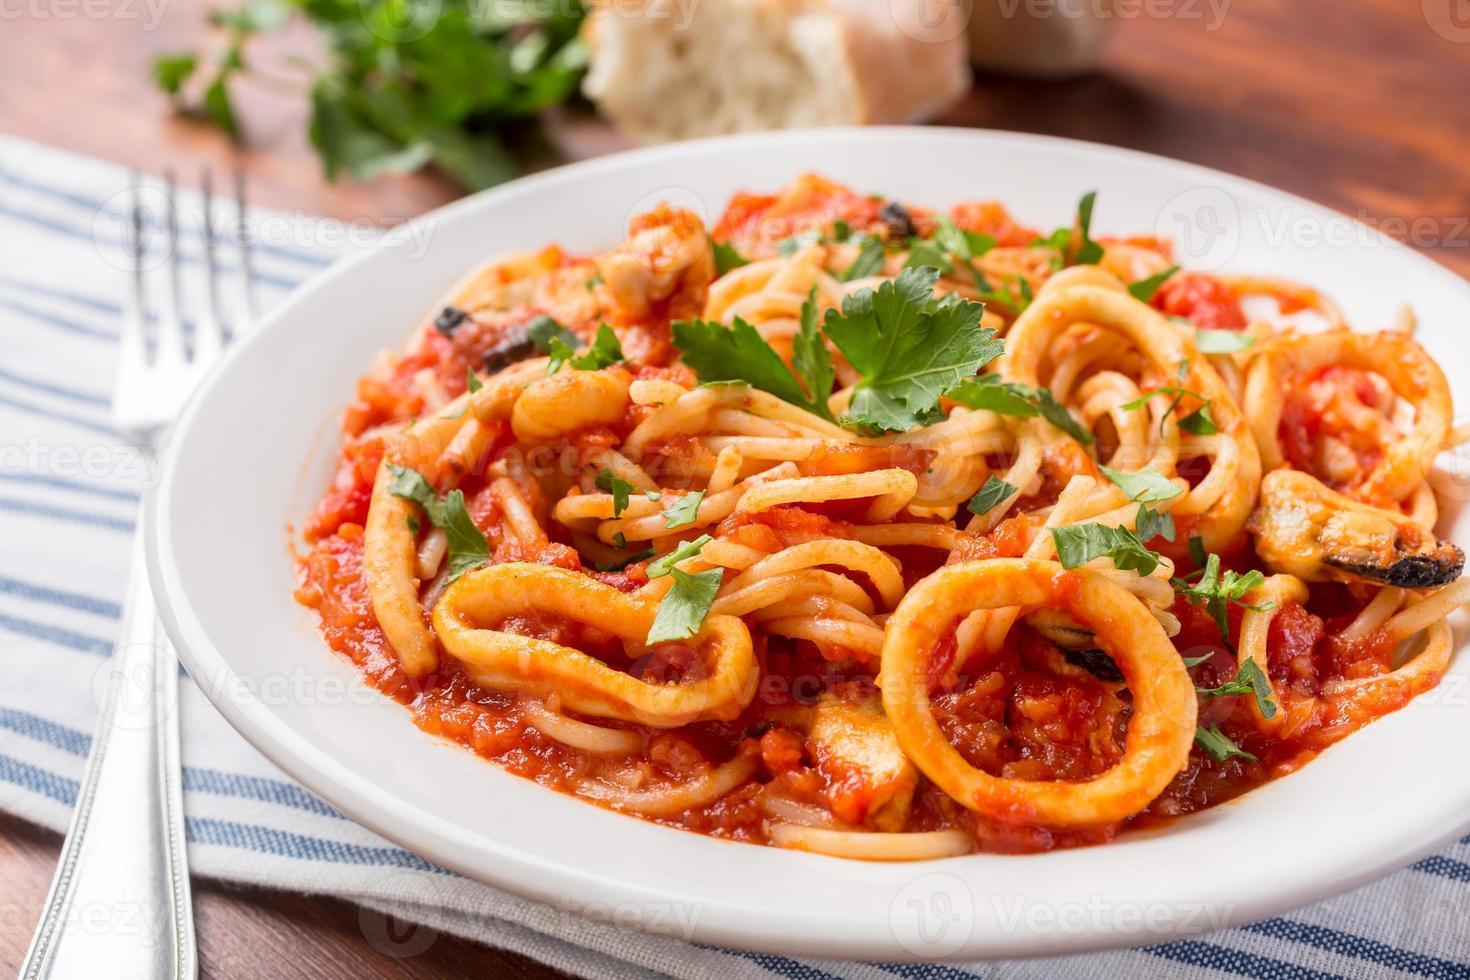 portie zeevruchten pasta met peterselie foto